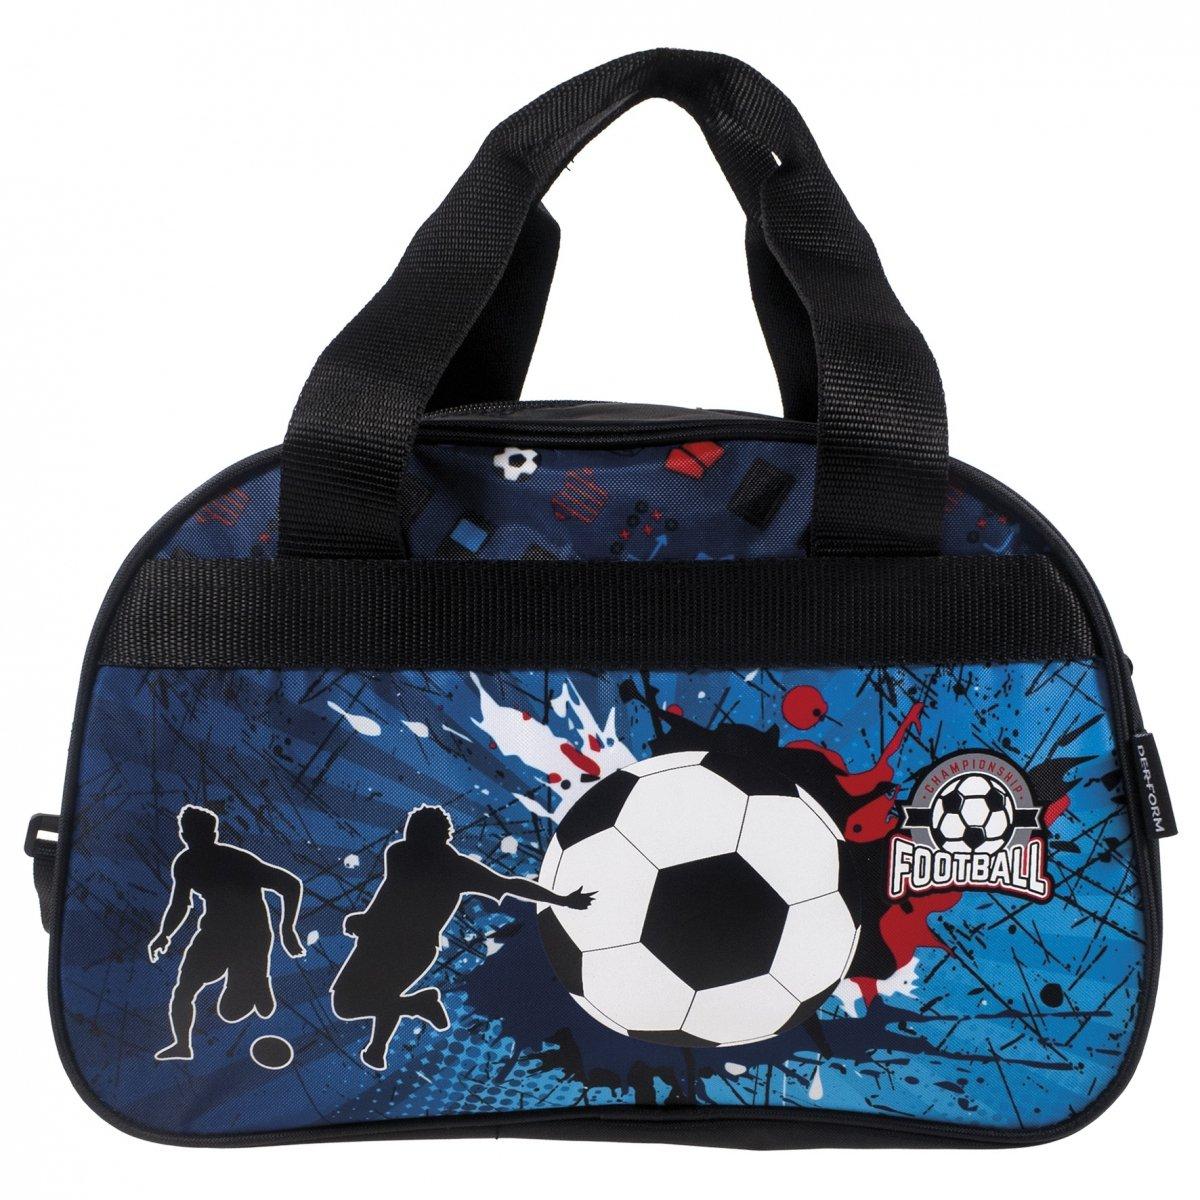 e15ea33d71555b Torba podróżna, sportowa FOOTBALL Piłka nożna (TPPI12) | plecaki ...